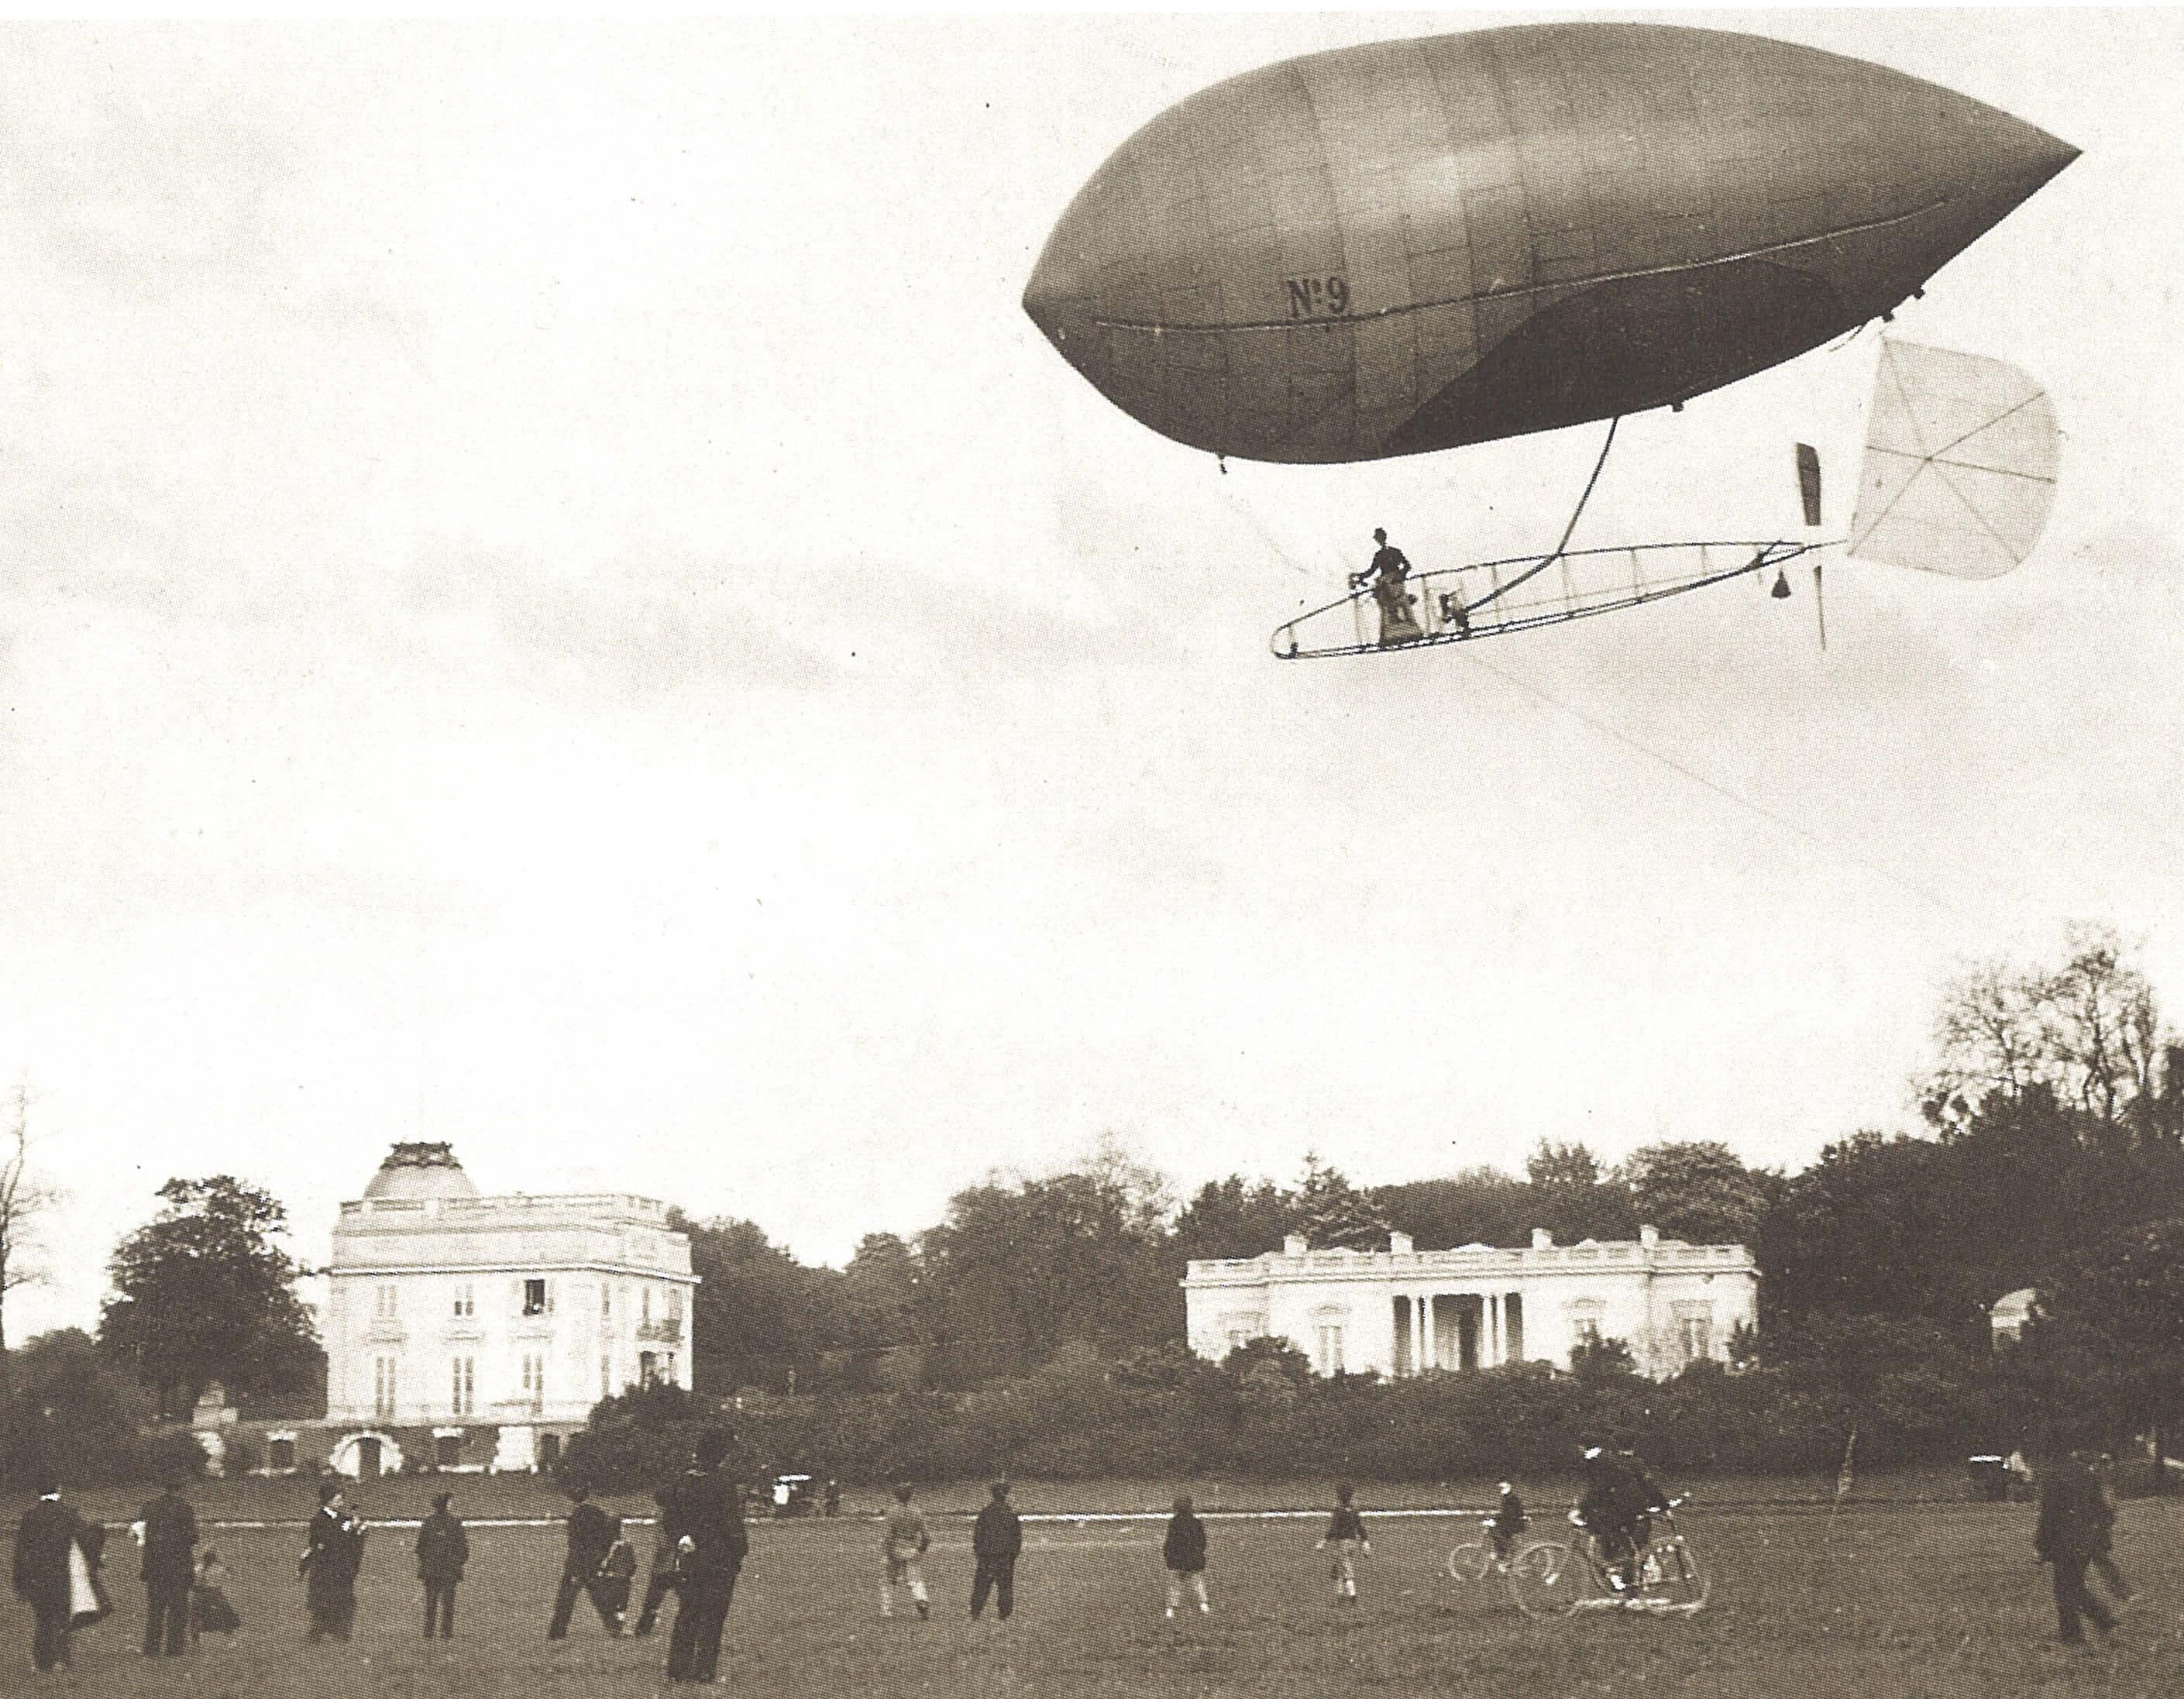 Primeiro voo do dirigivel n.9, em Bagatelle, 1903_credito divulgacao